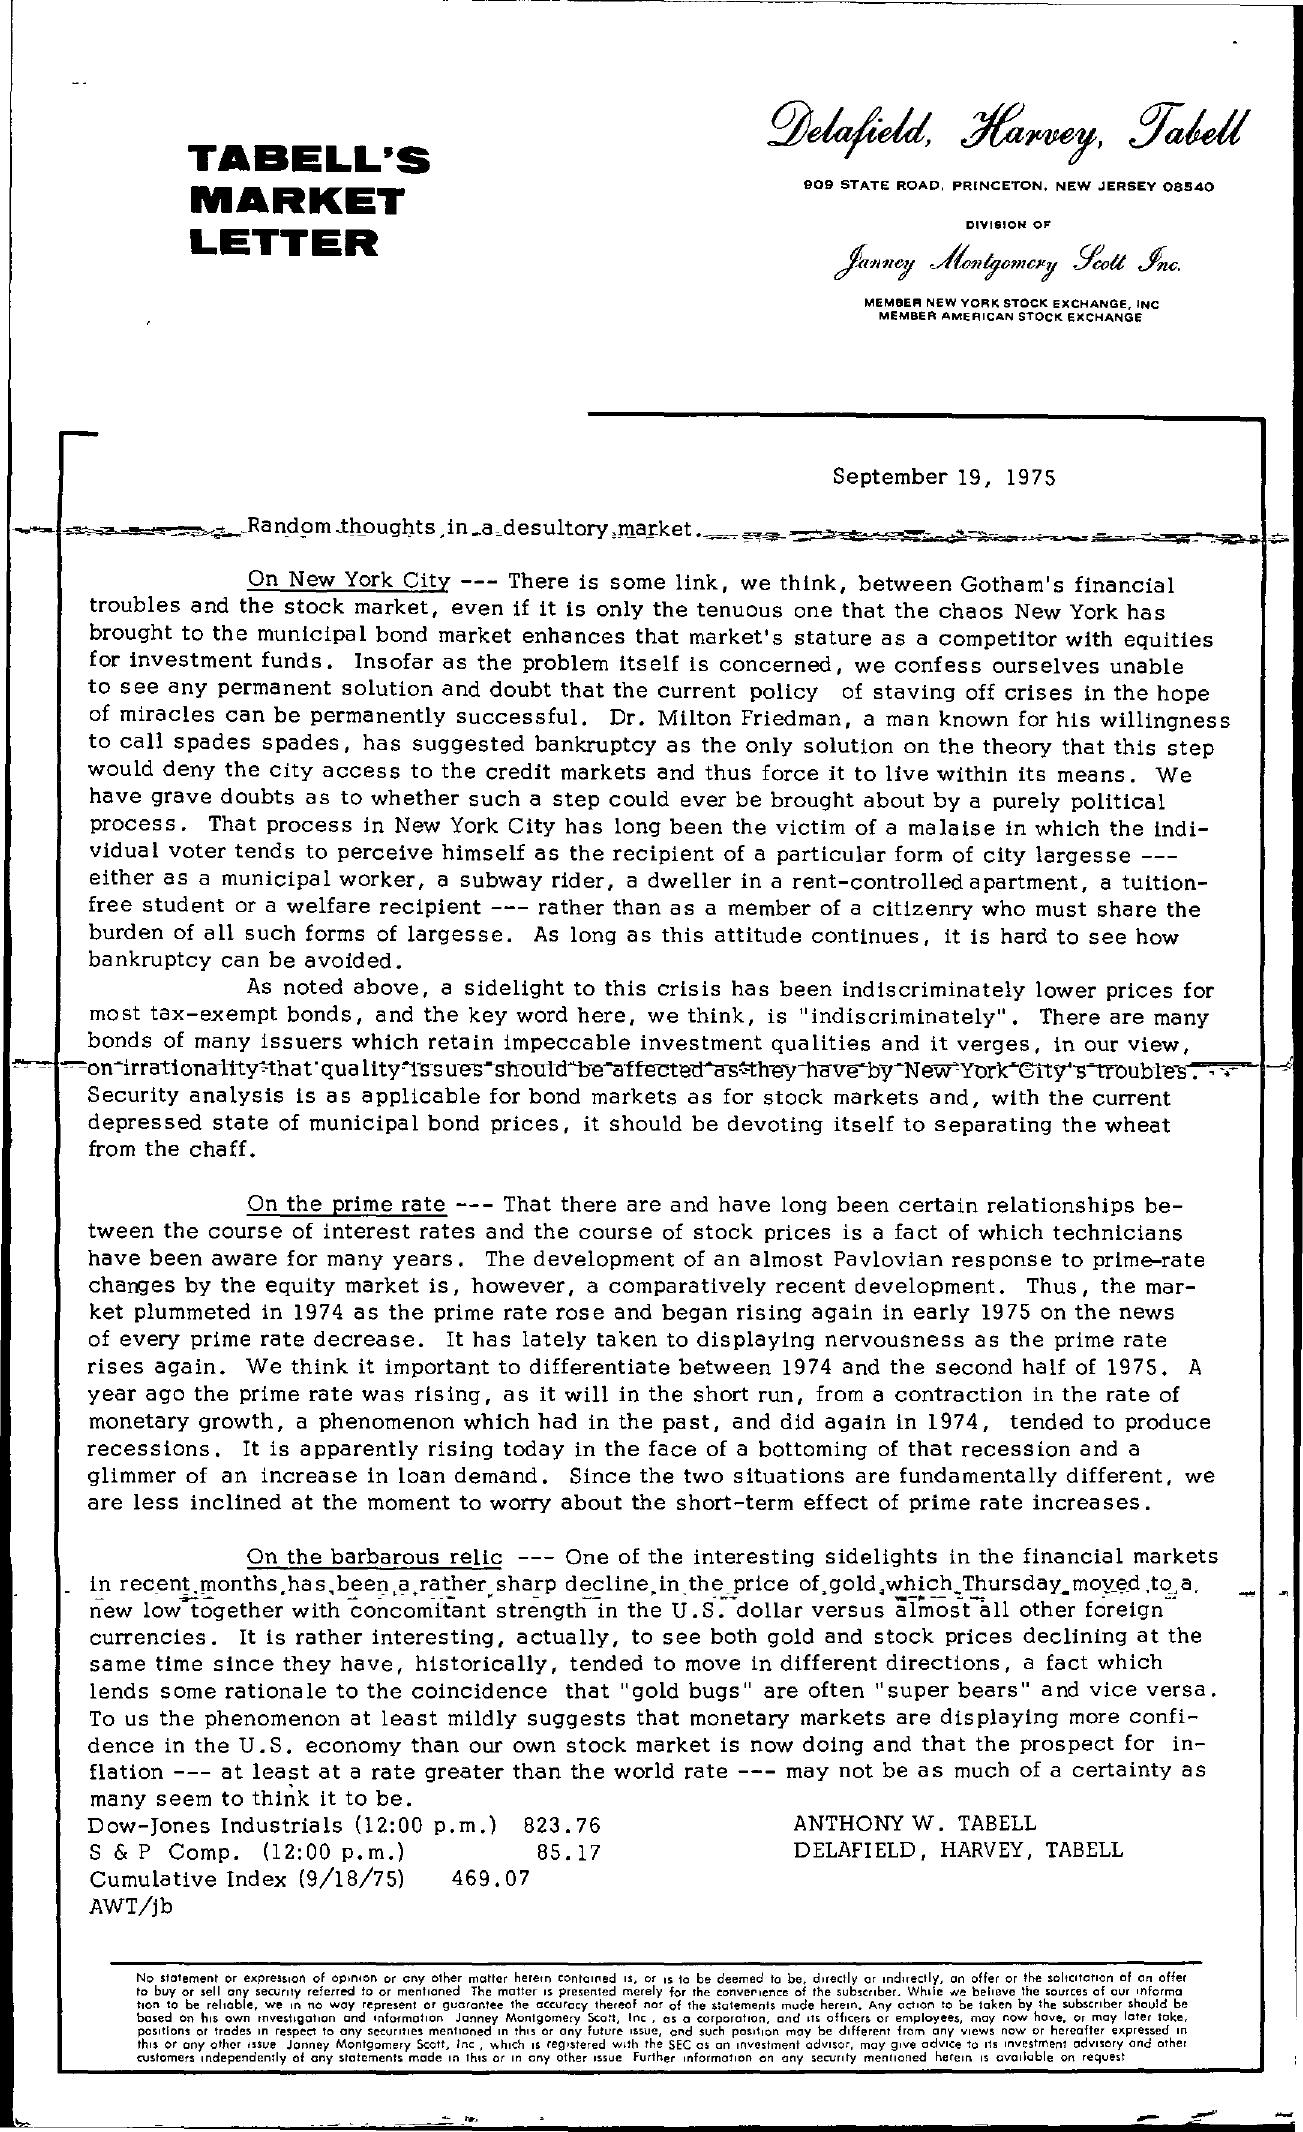 Tabell's Market Letter - September 19, 1975